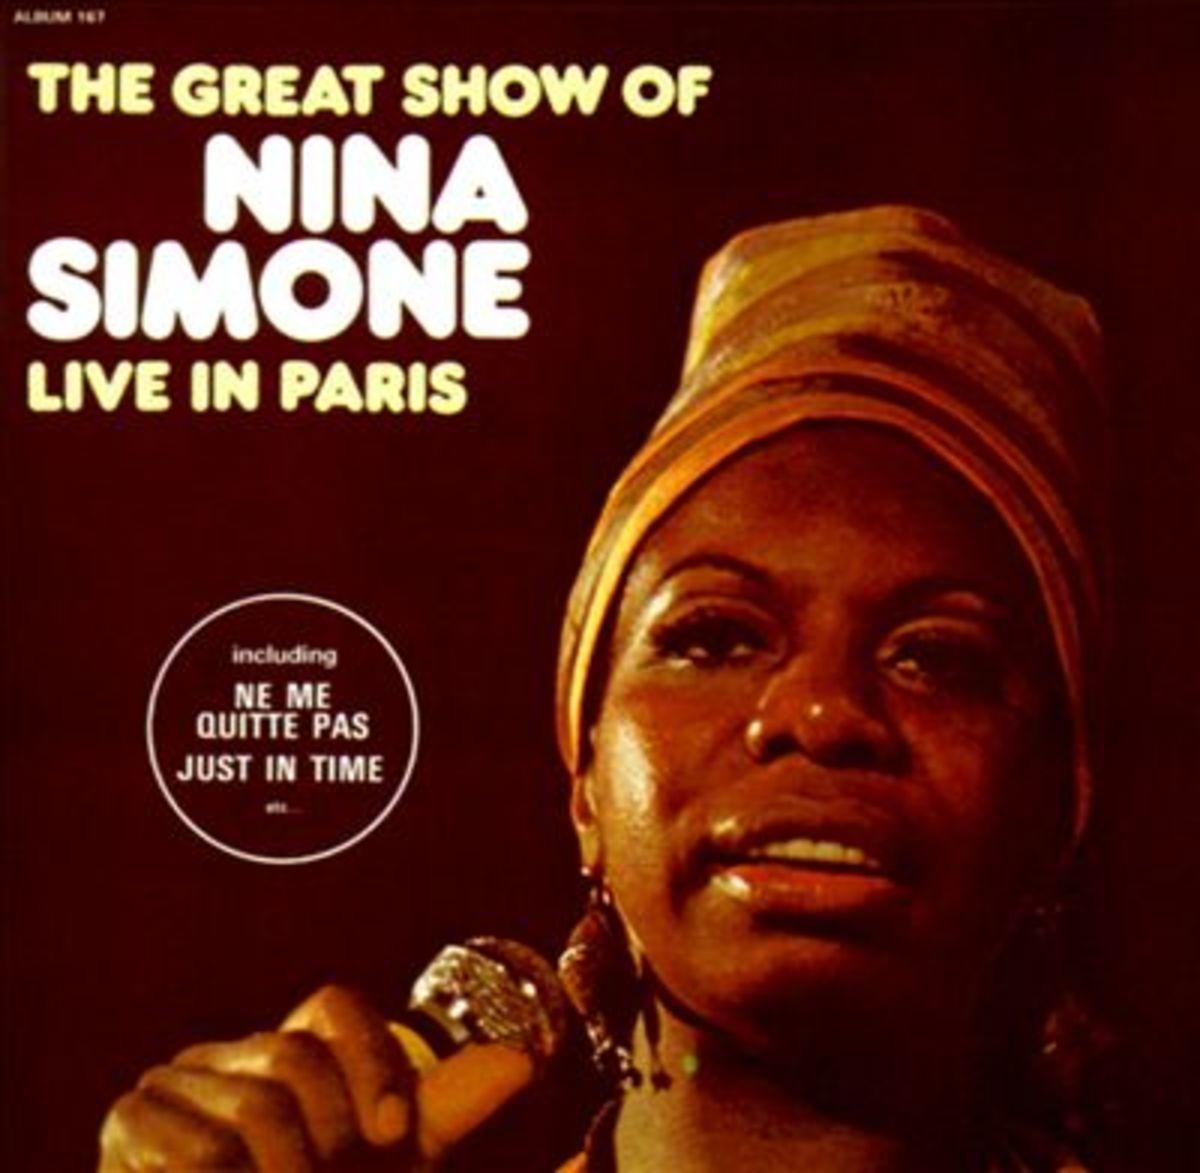 """Simone's """"Live in Paris"""" album cover"""